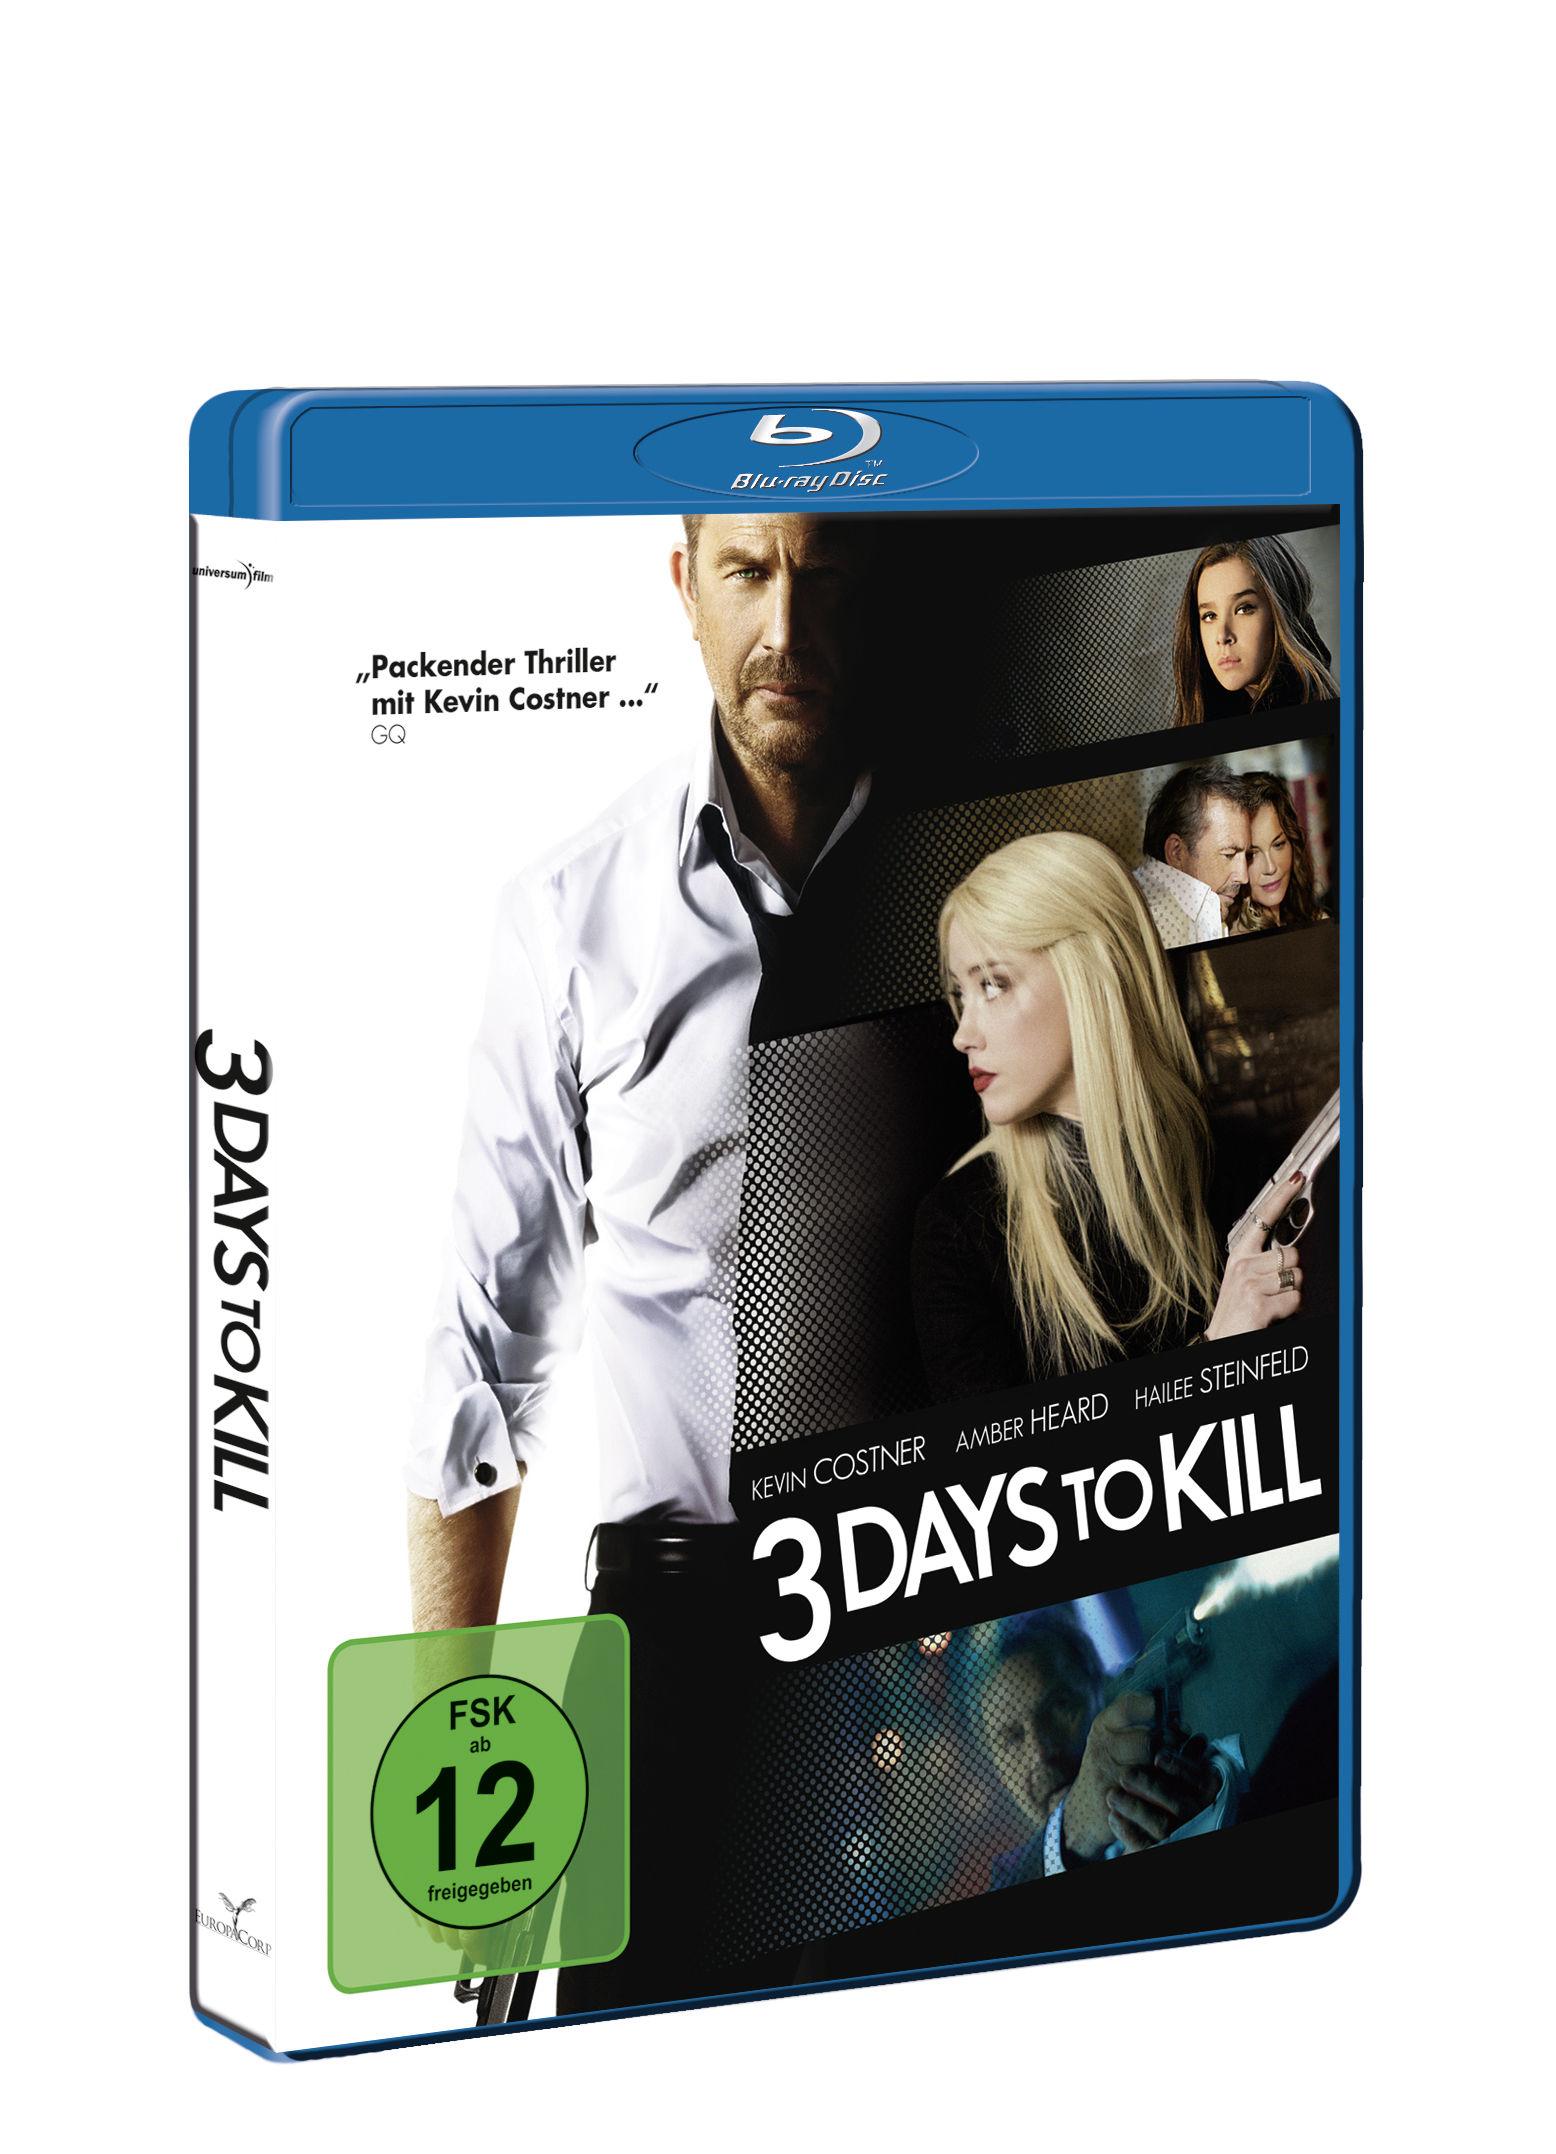 3_Days_to_kill_BD_Bluray_888430000797_3D.300dpi